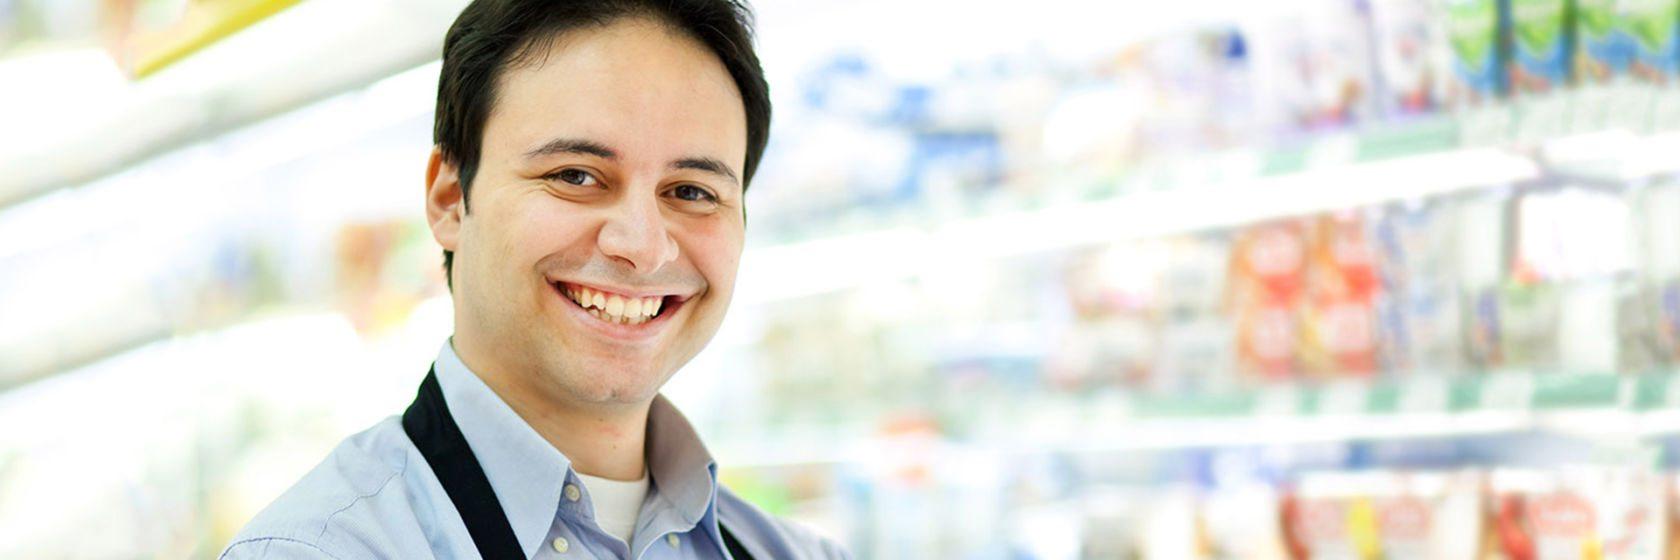 Mann mit dunklen Haaren freut sich, mit Hilfe des waff einen Job im Einzelhandel gefunden zu haben.